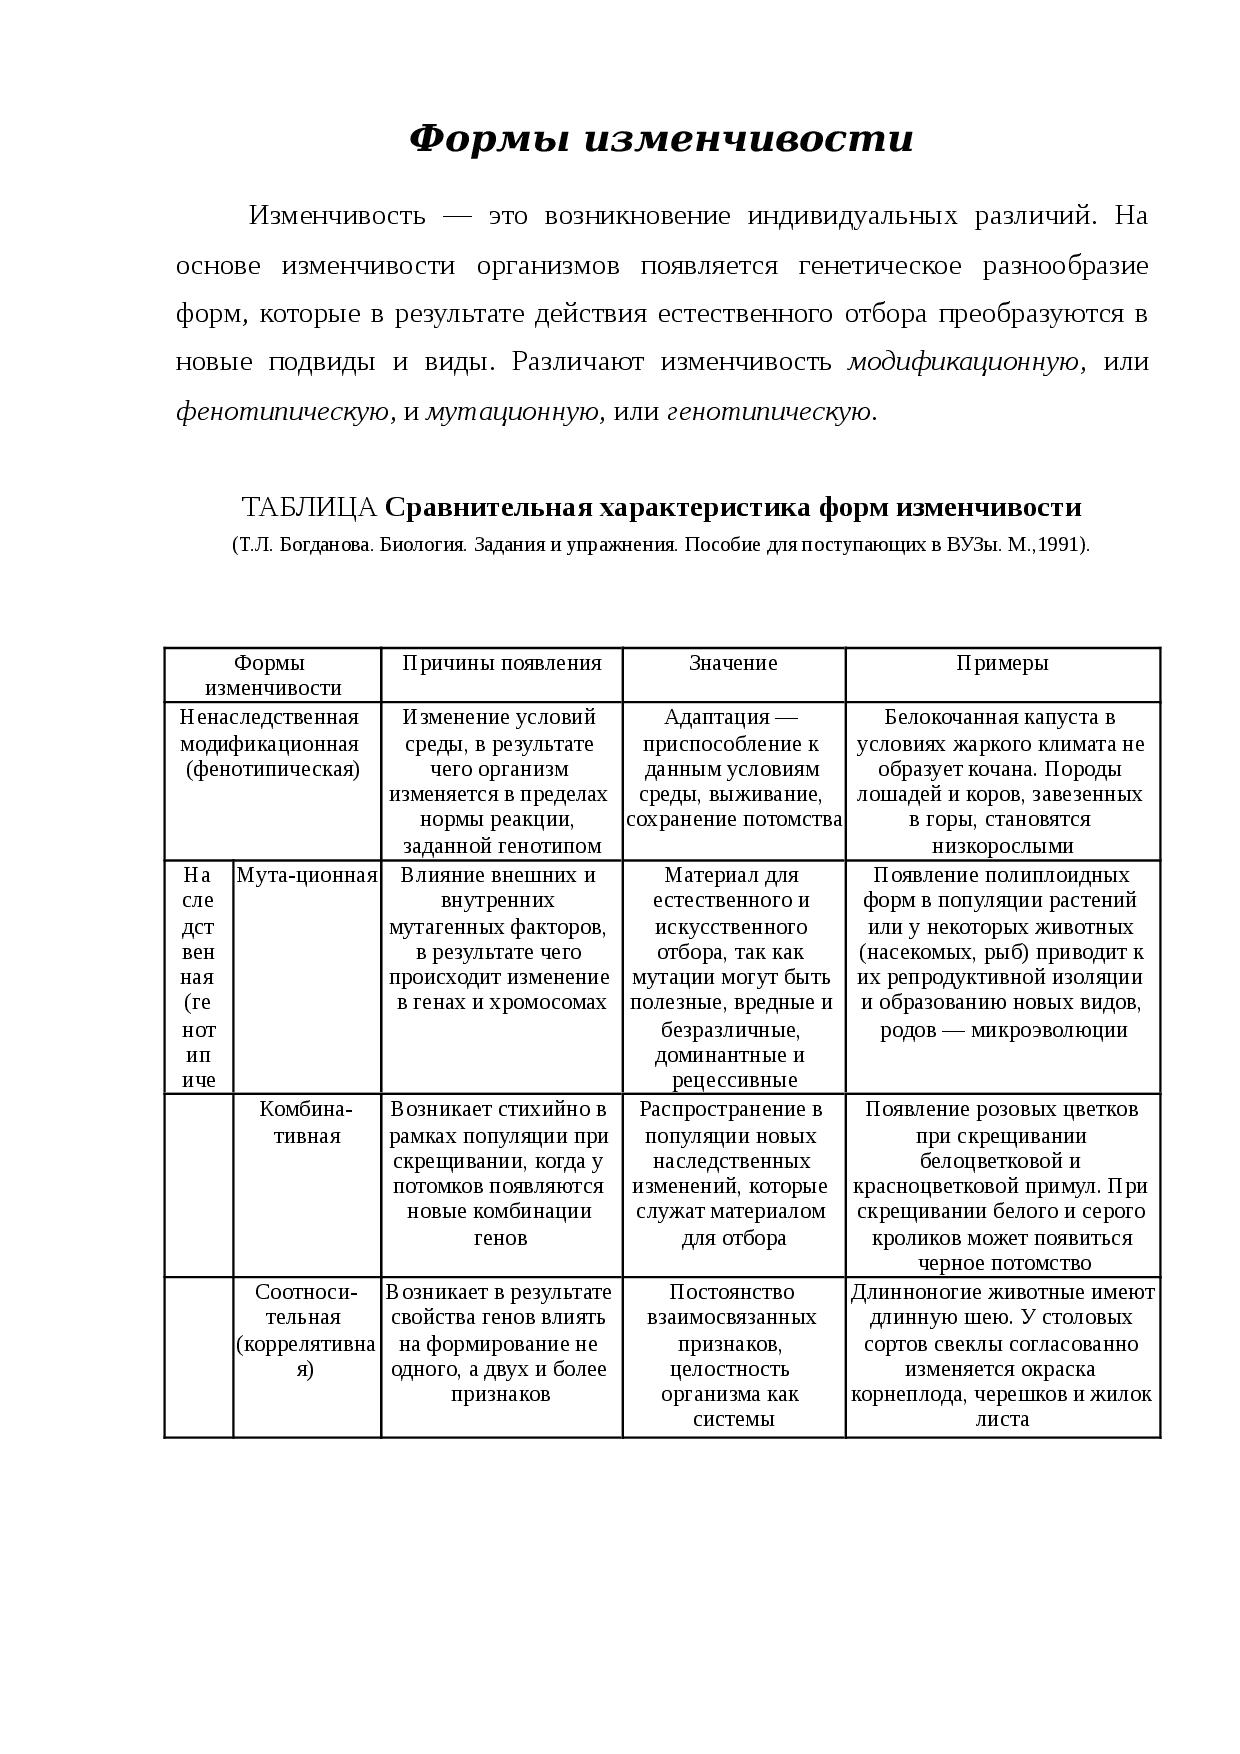 Норма реакций признака. что такое норма реакций?